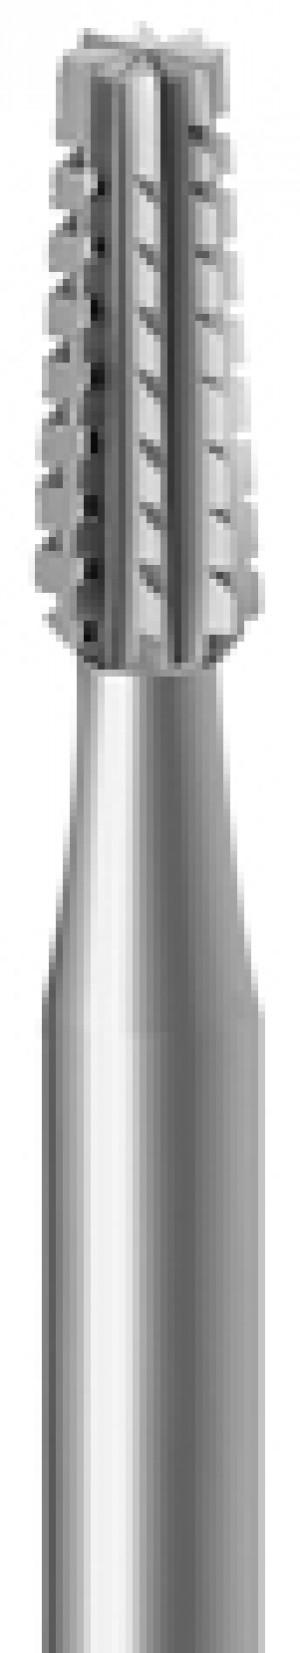 CROSS CUT CONE BUR 014